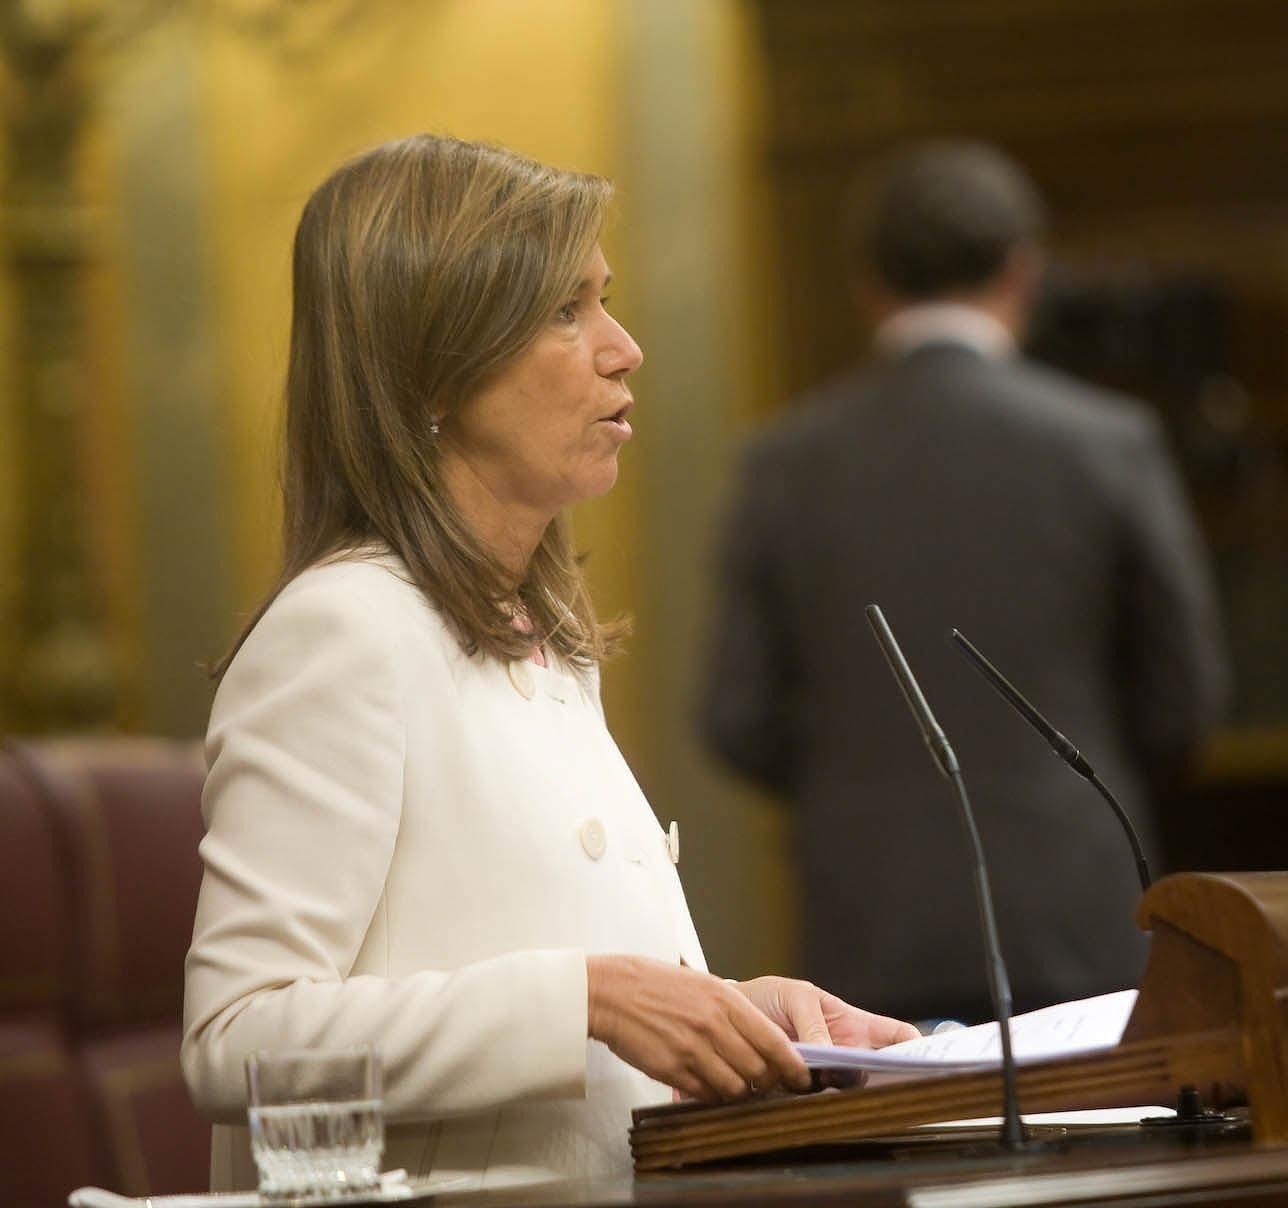 PSOE critica que Mato dé «la callada por respuesta» ante el libro »Cásate y se sumisa»